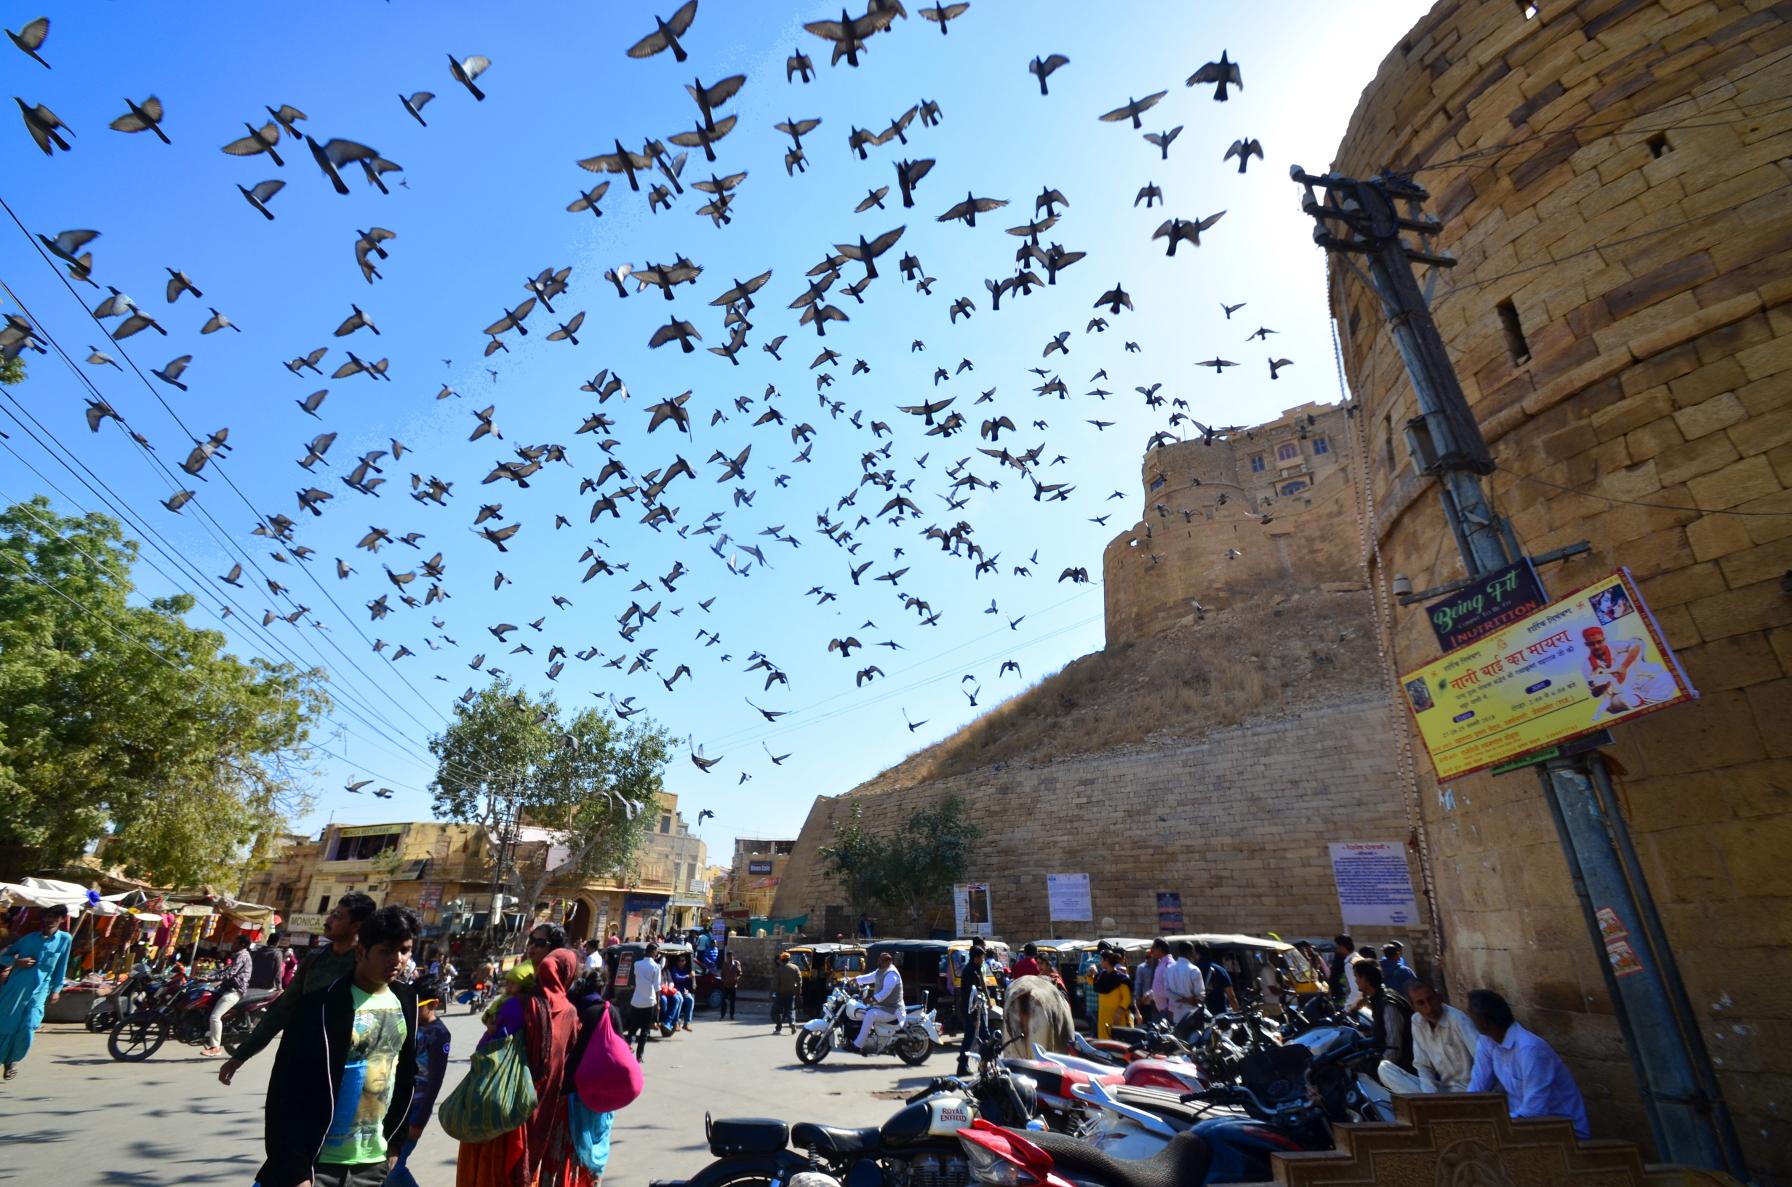 During visit at Jaisalmer, ,I have taken this picture near Sonar kella.